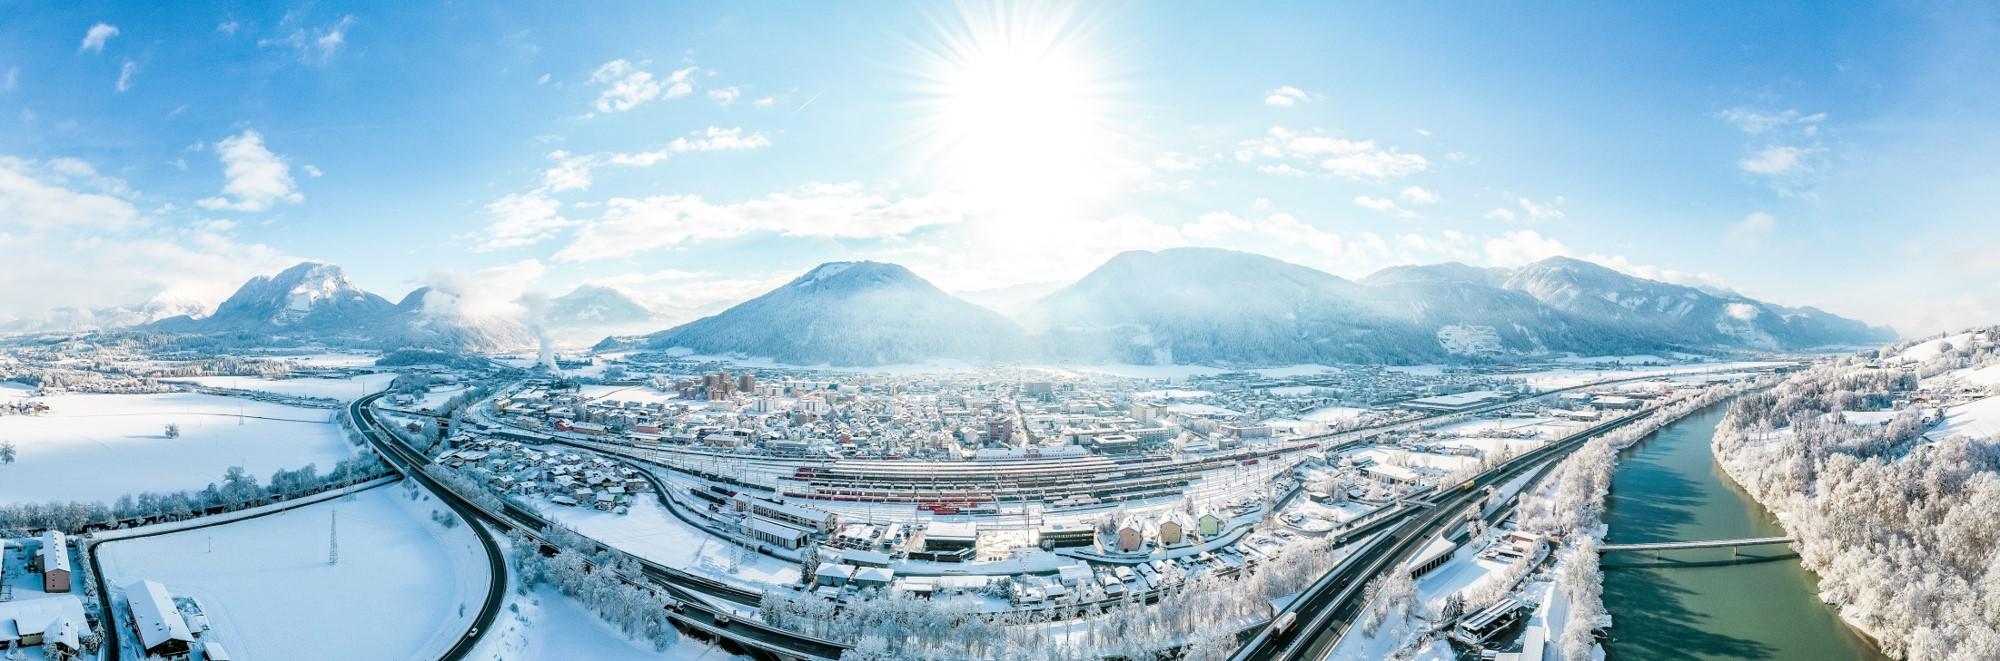 Strahlendes Panorama von Wörgl im Winter